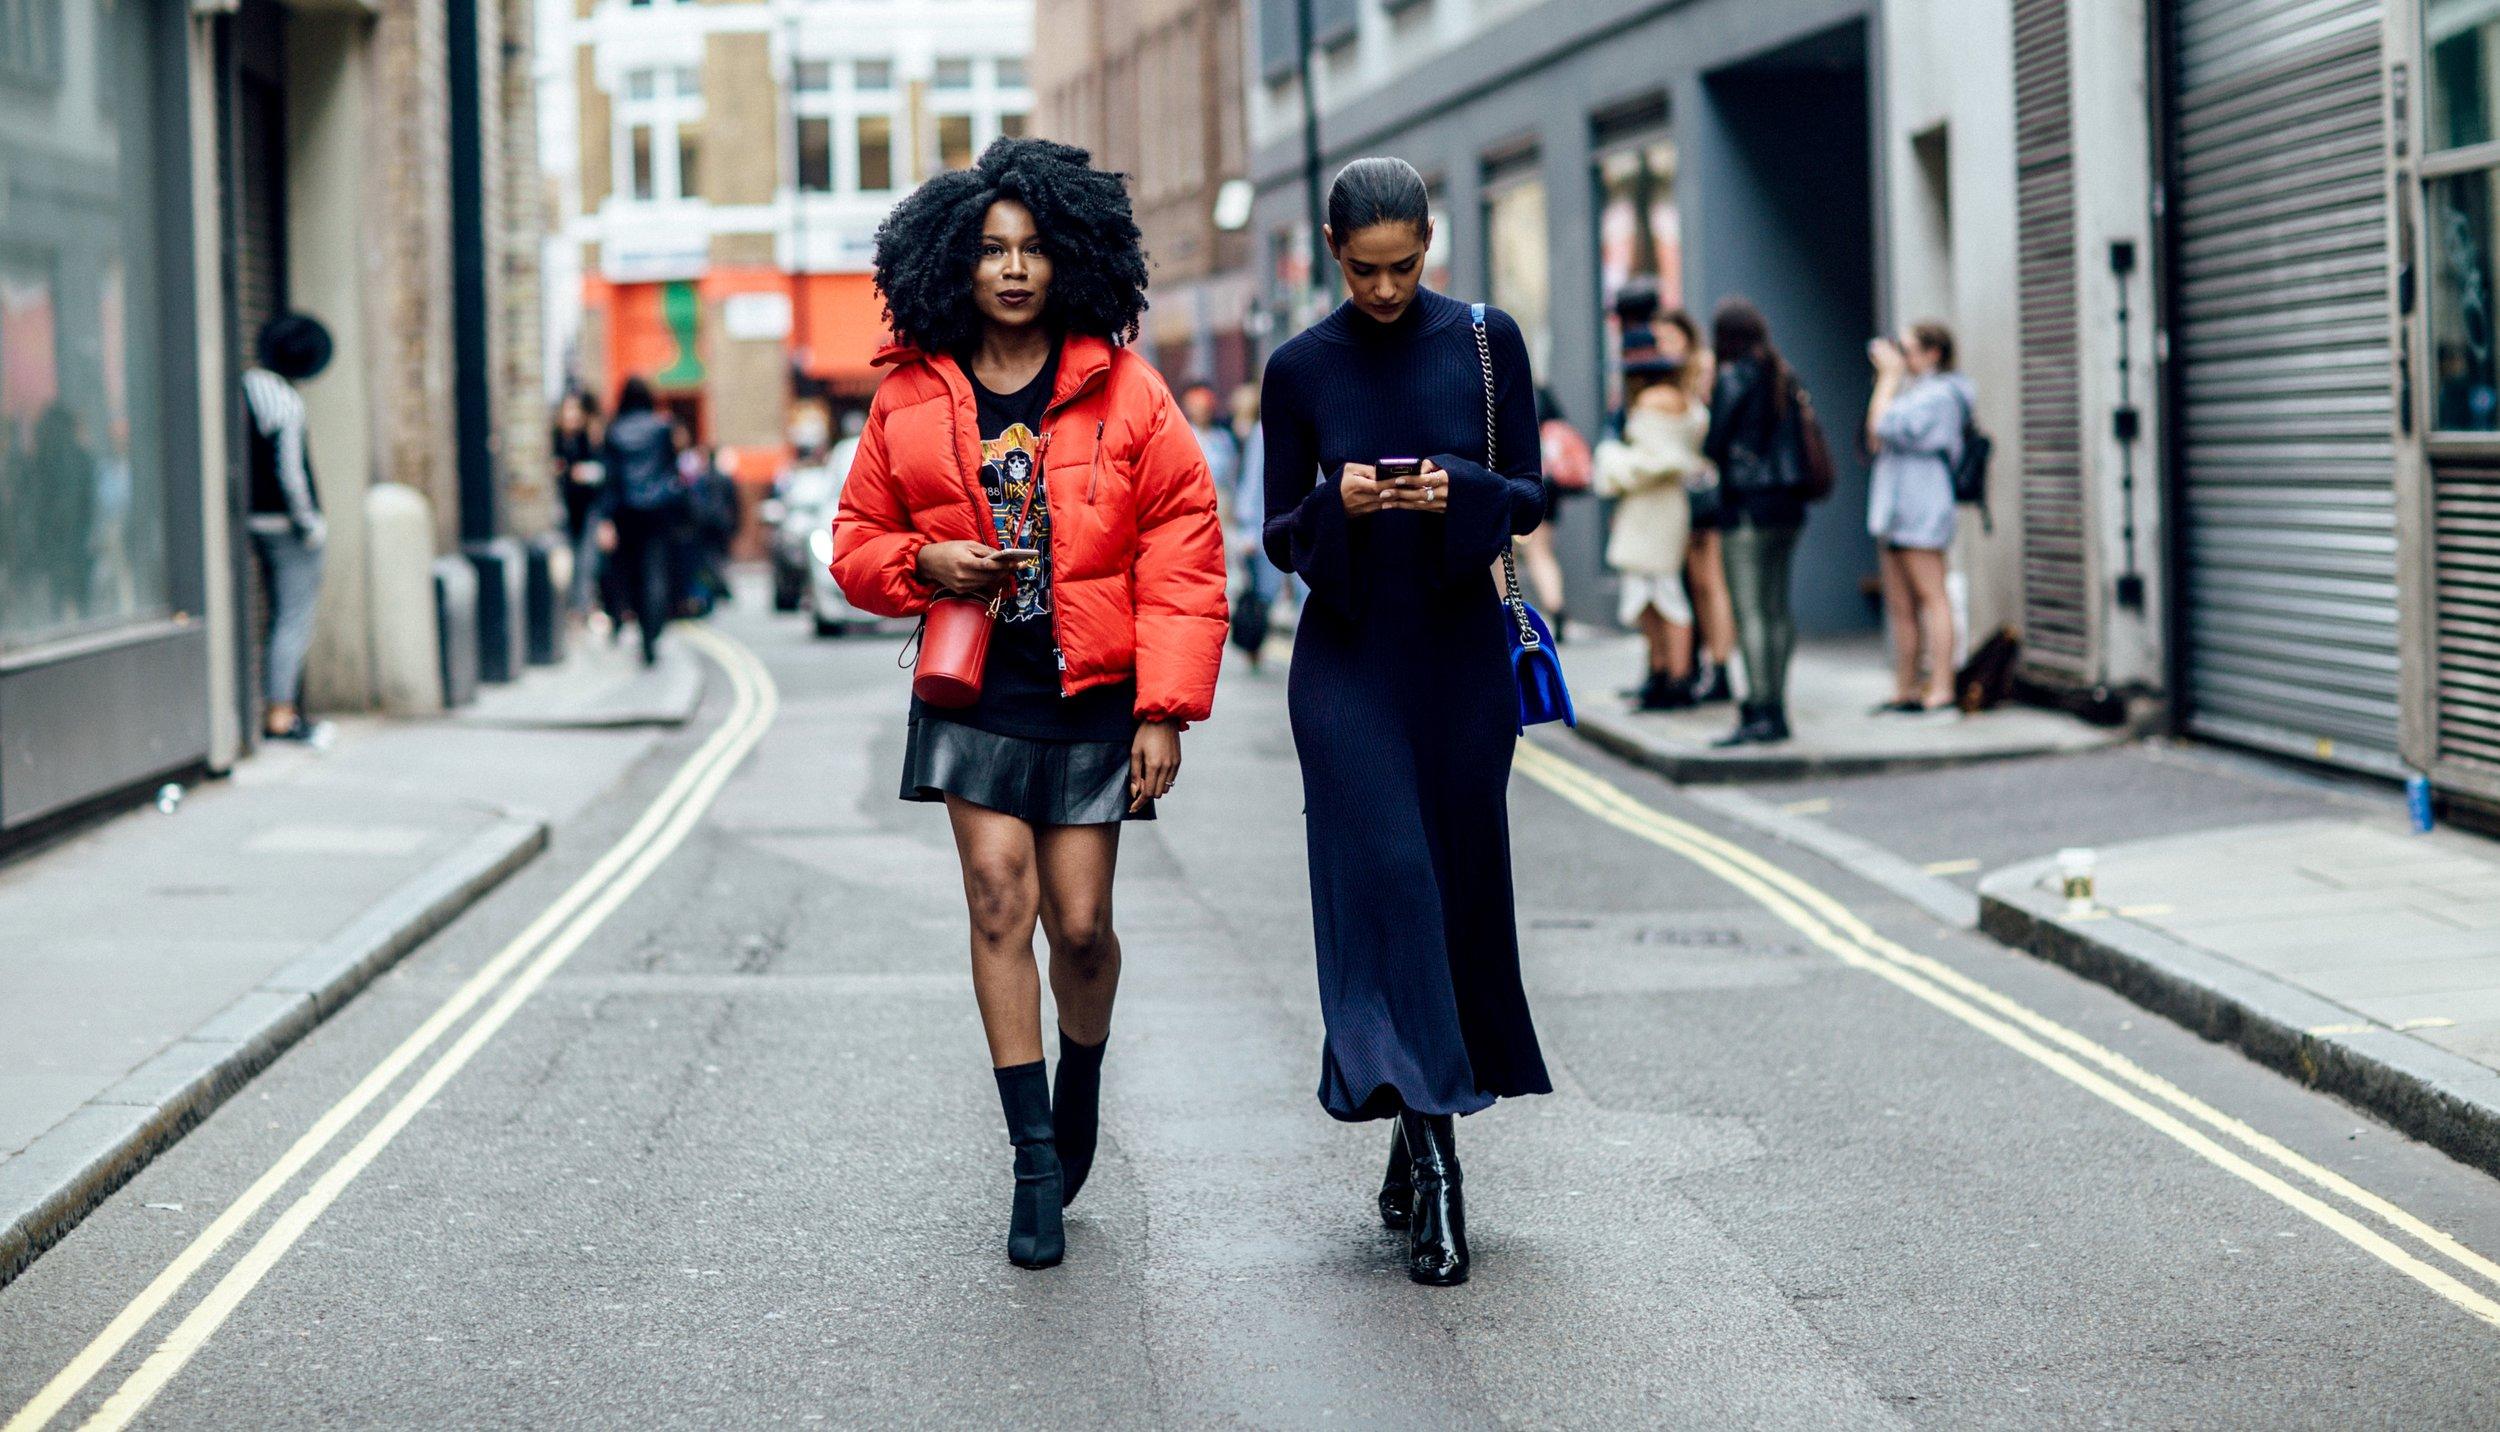 London Fashion Week Streetsyle